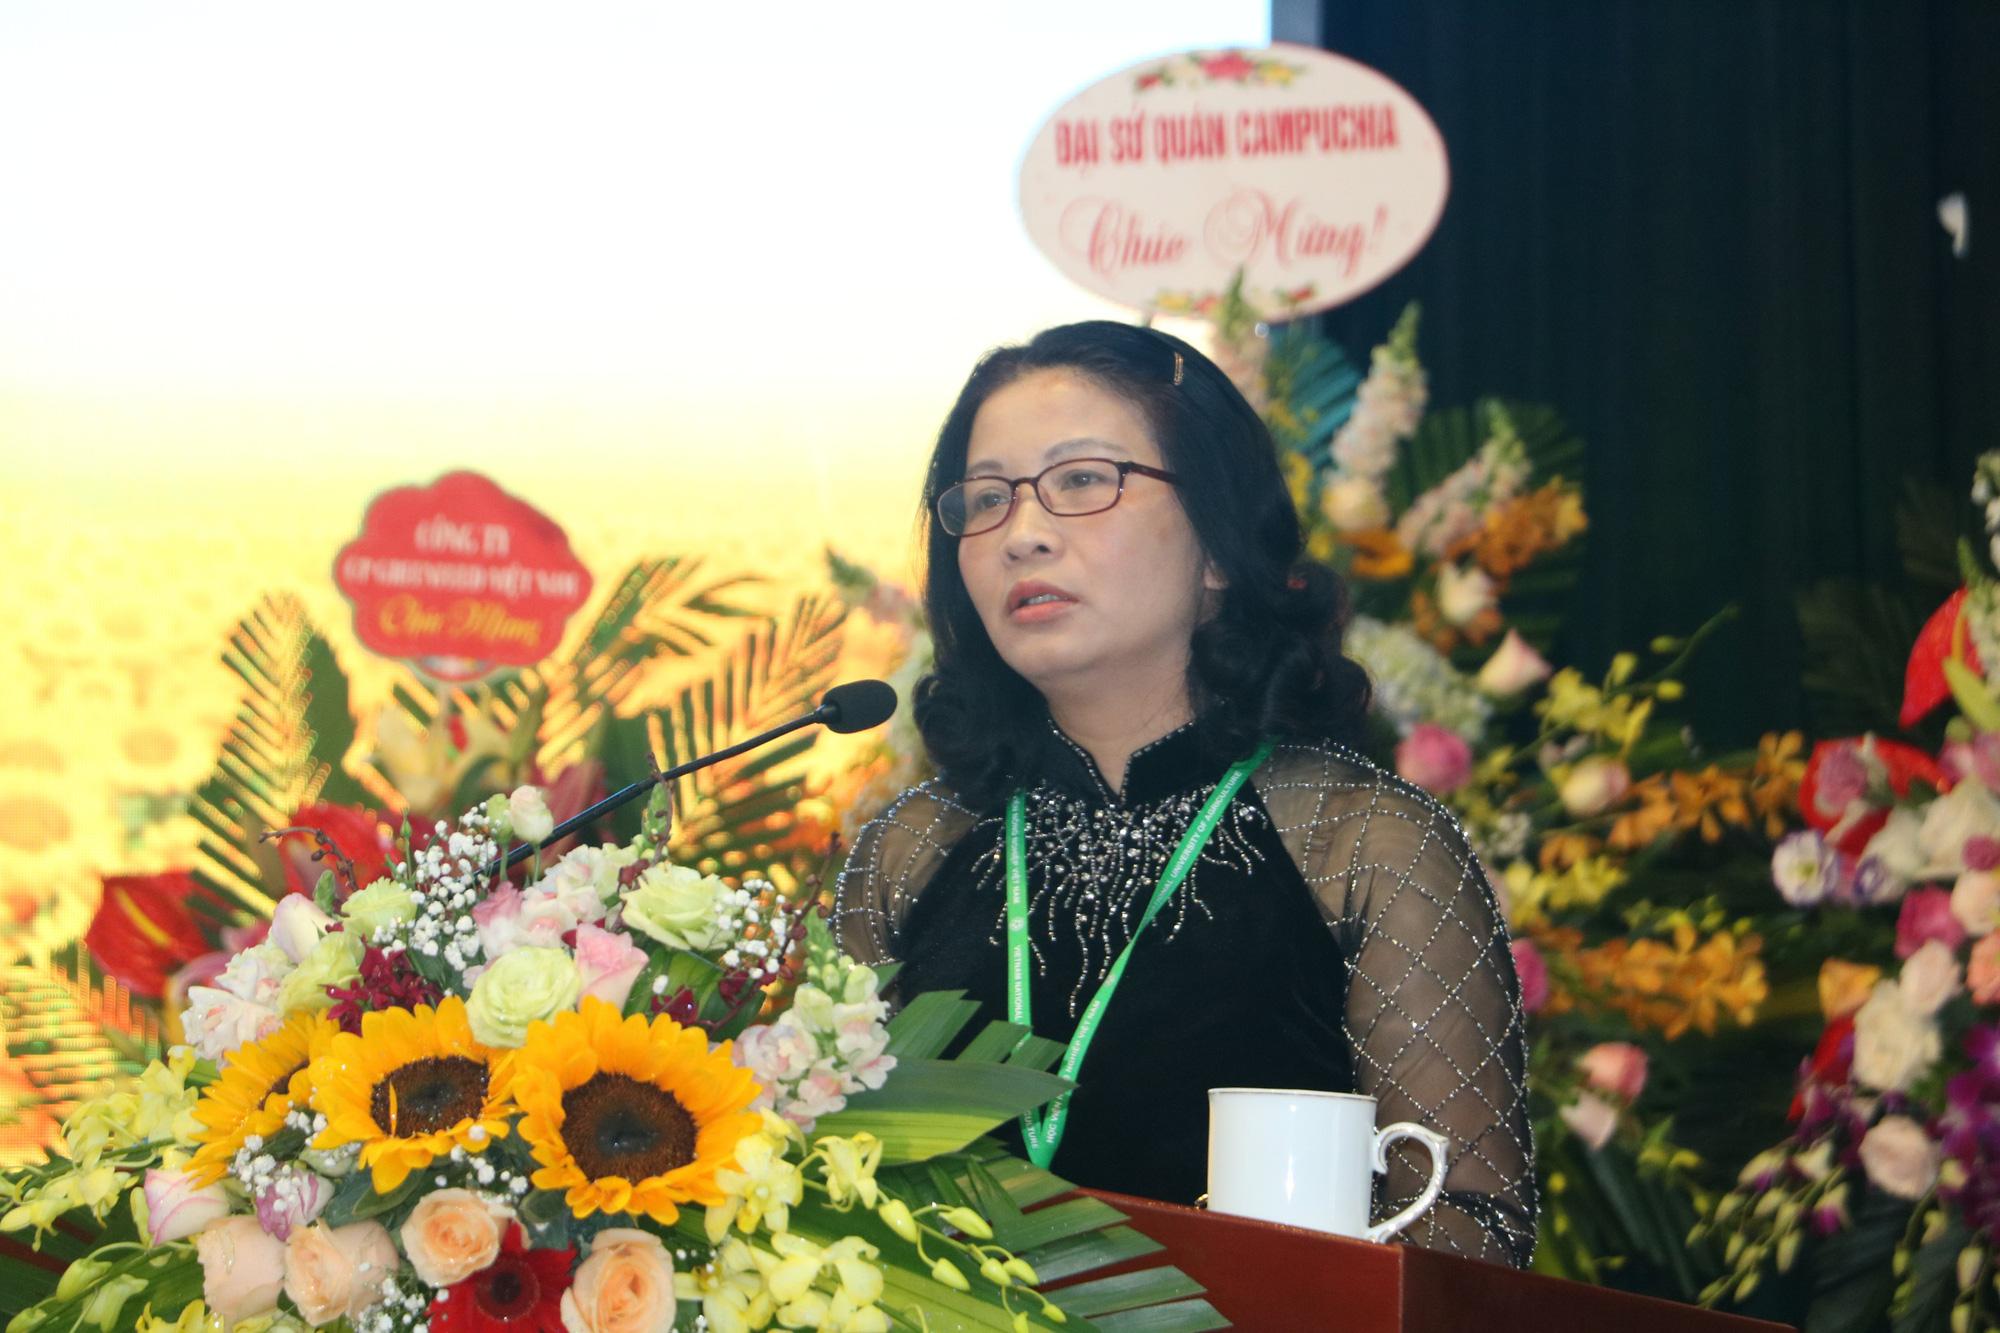 Học viện Nông nghiệp Việt Nam: 90% sinh viên ra trường có việc làm sau 1 năm - Ảnh 1.